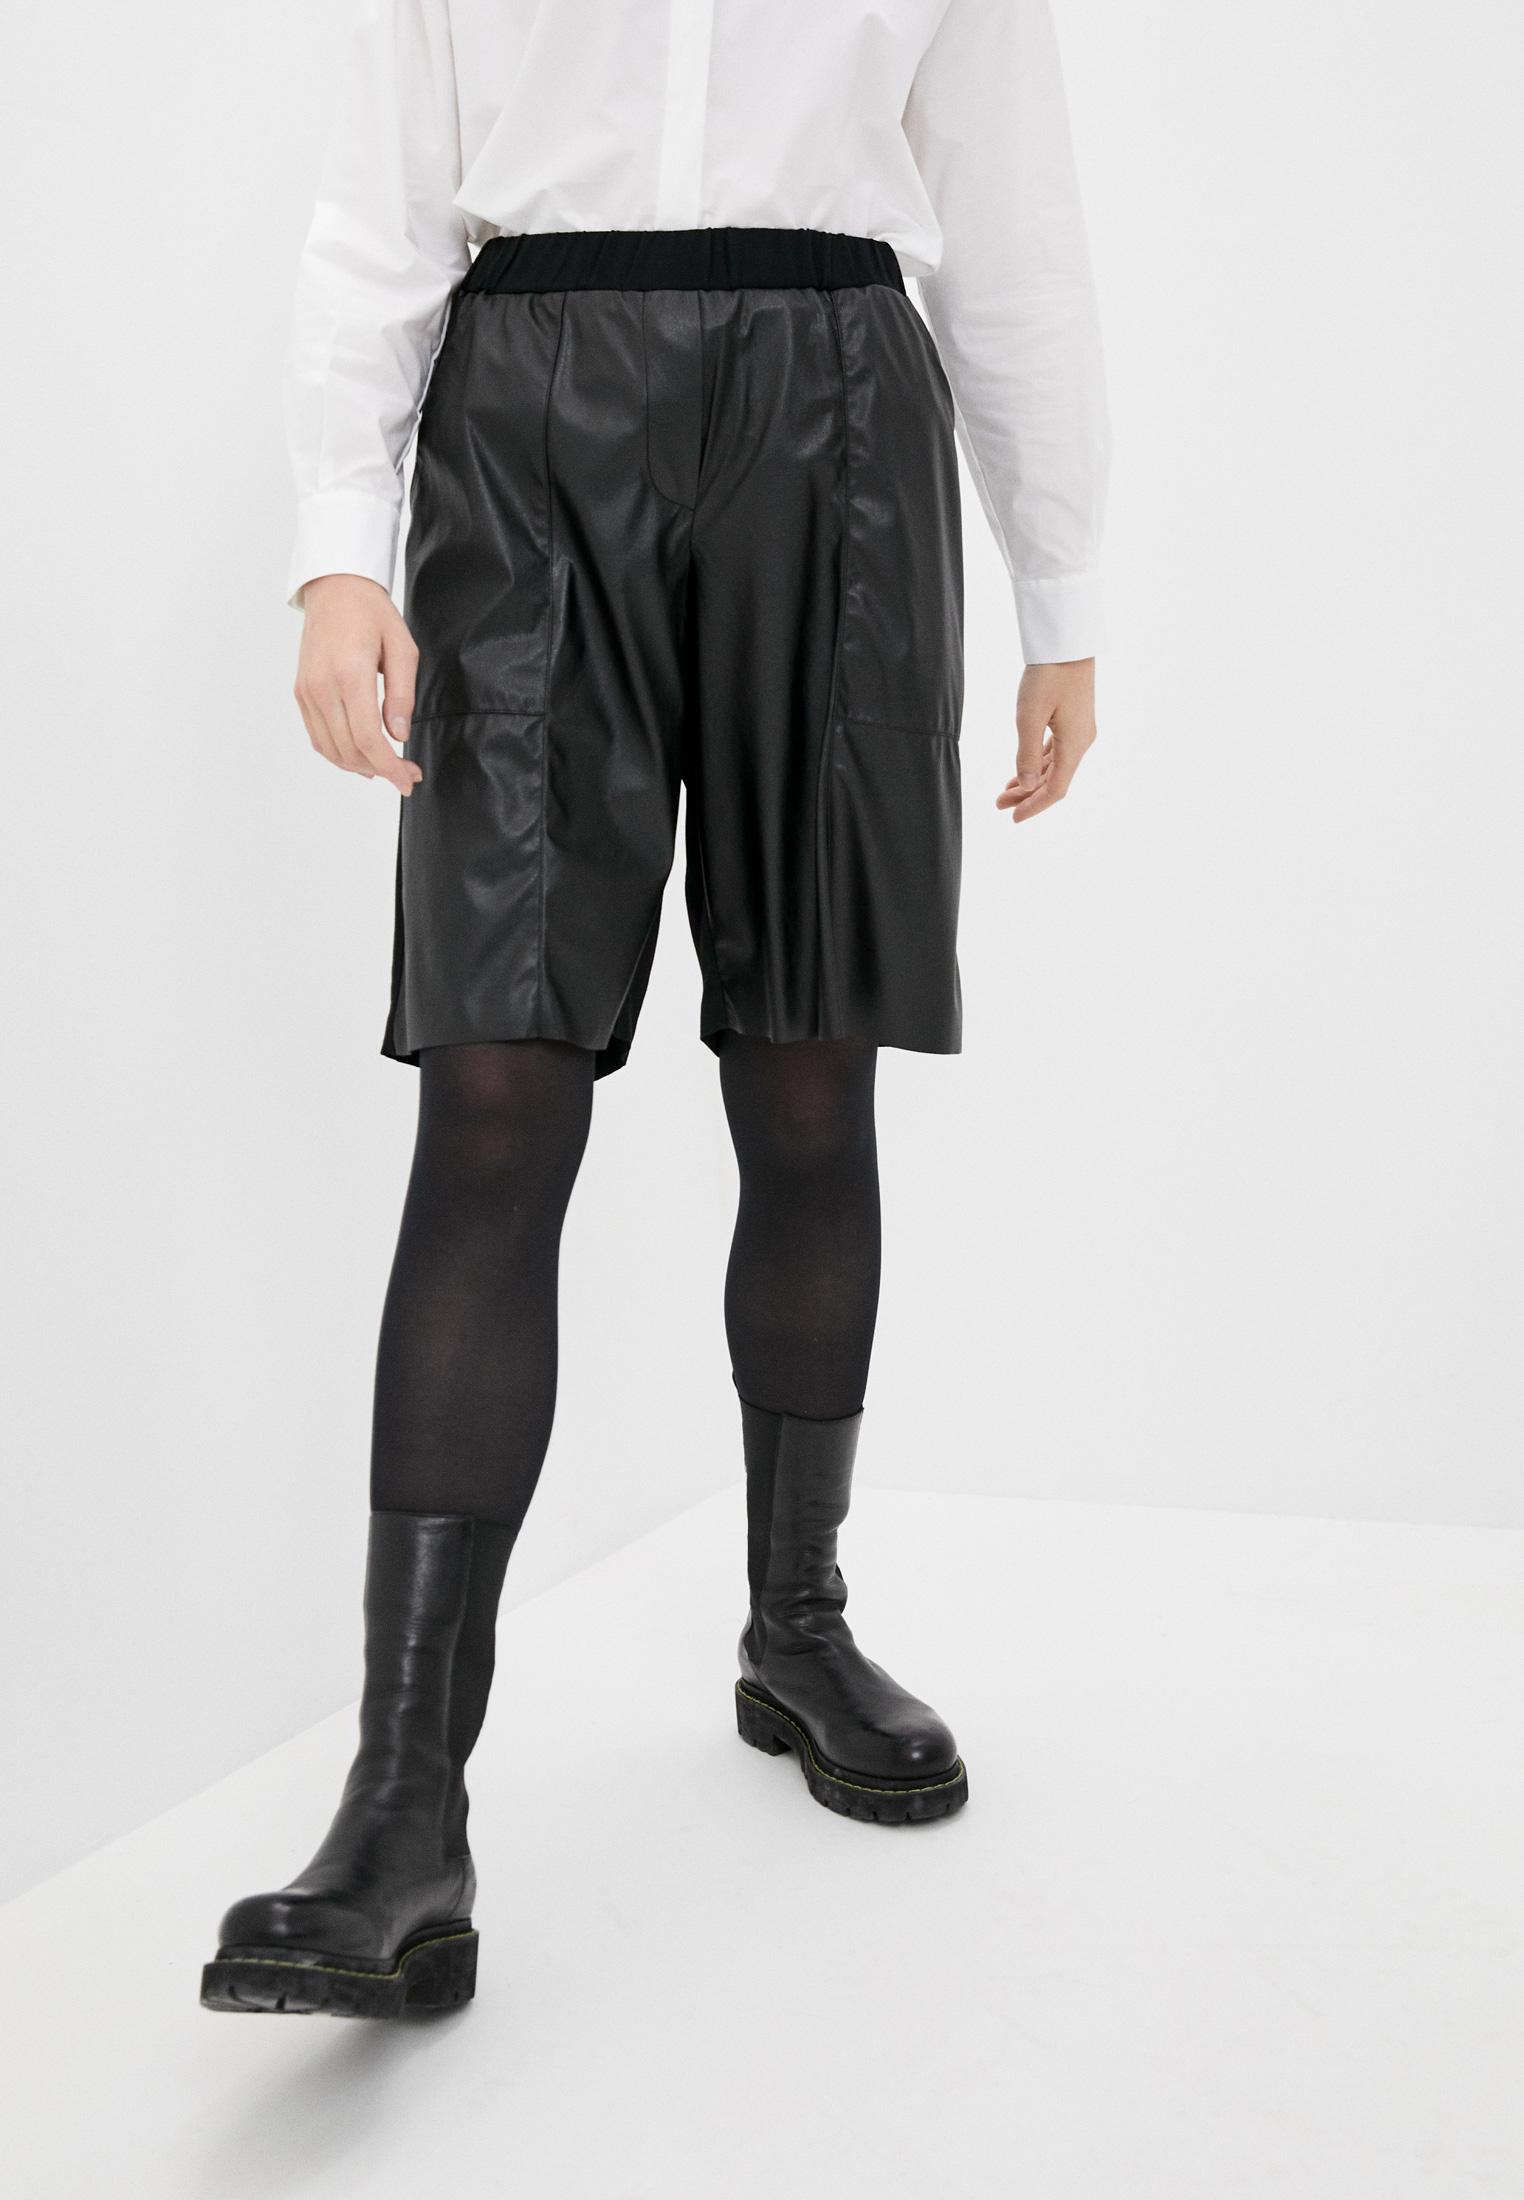 Женские повседневные шорты Pinko (Пинко) Шорты Pinko